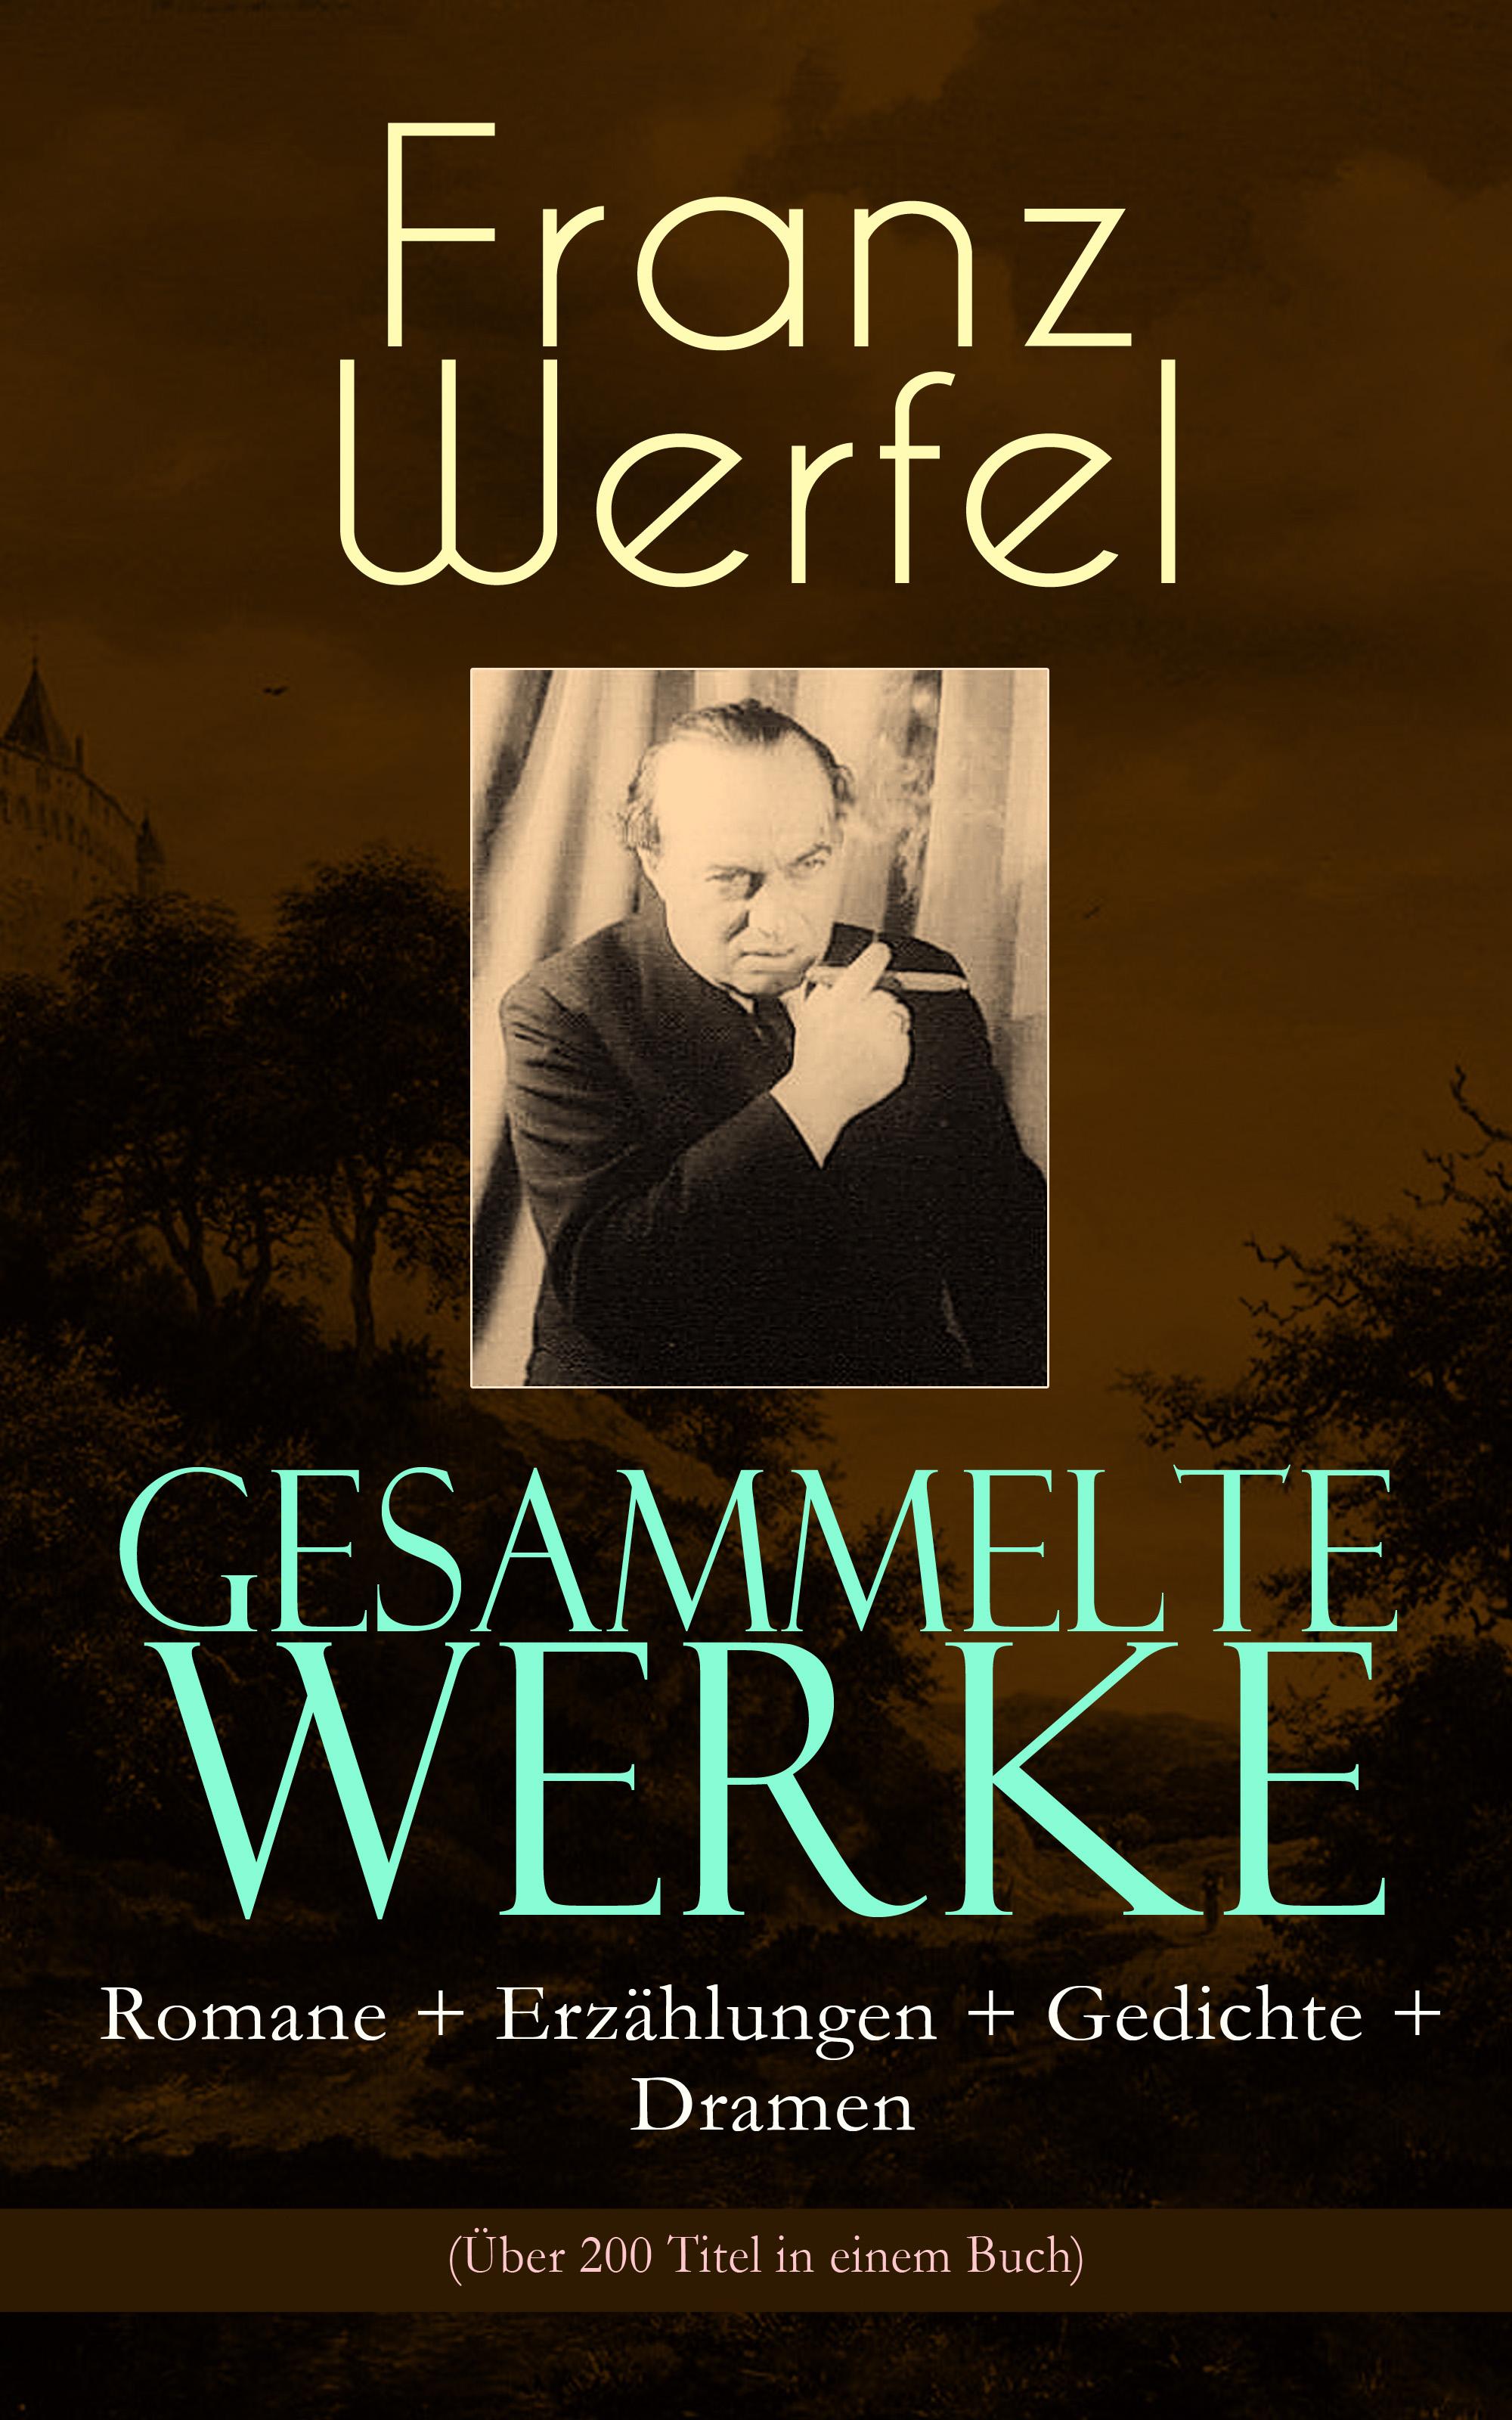 Franz Werfel Gesammelte Werke: Romane + Erzählungen + Gedichte + Dramen (Über 200 Titel in einem Buch) oskar panizza gesammelte werke erzählungen psychologische schriften philosophische werke dramen gedichte autobiografie